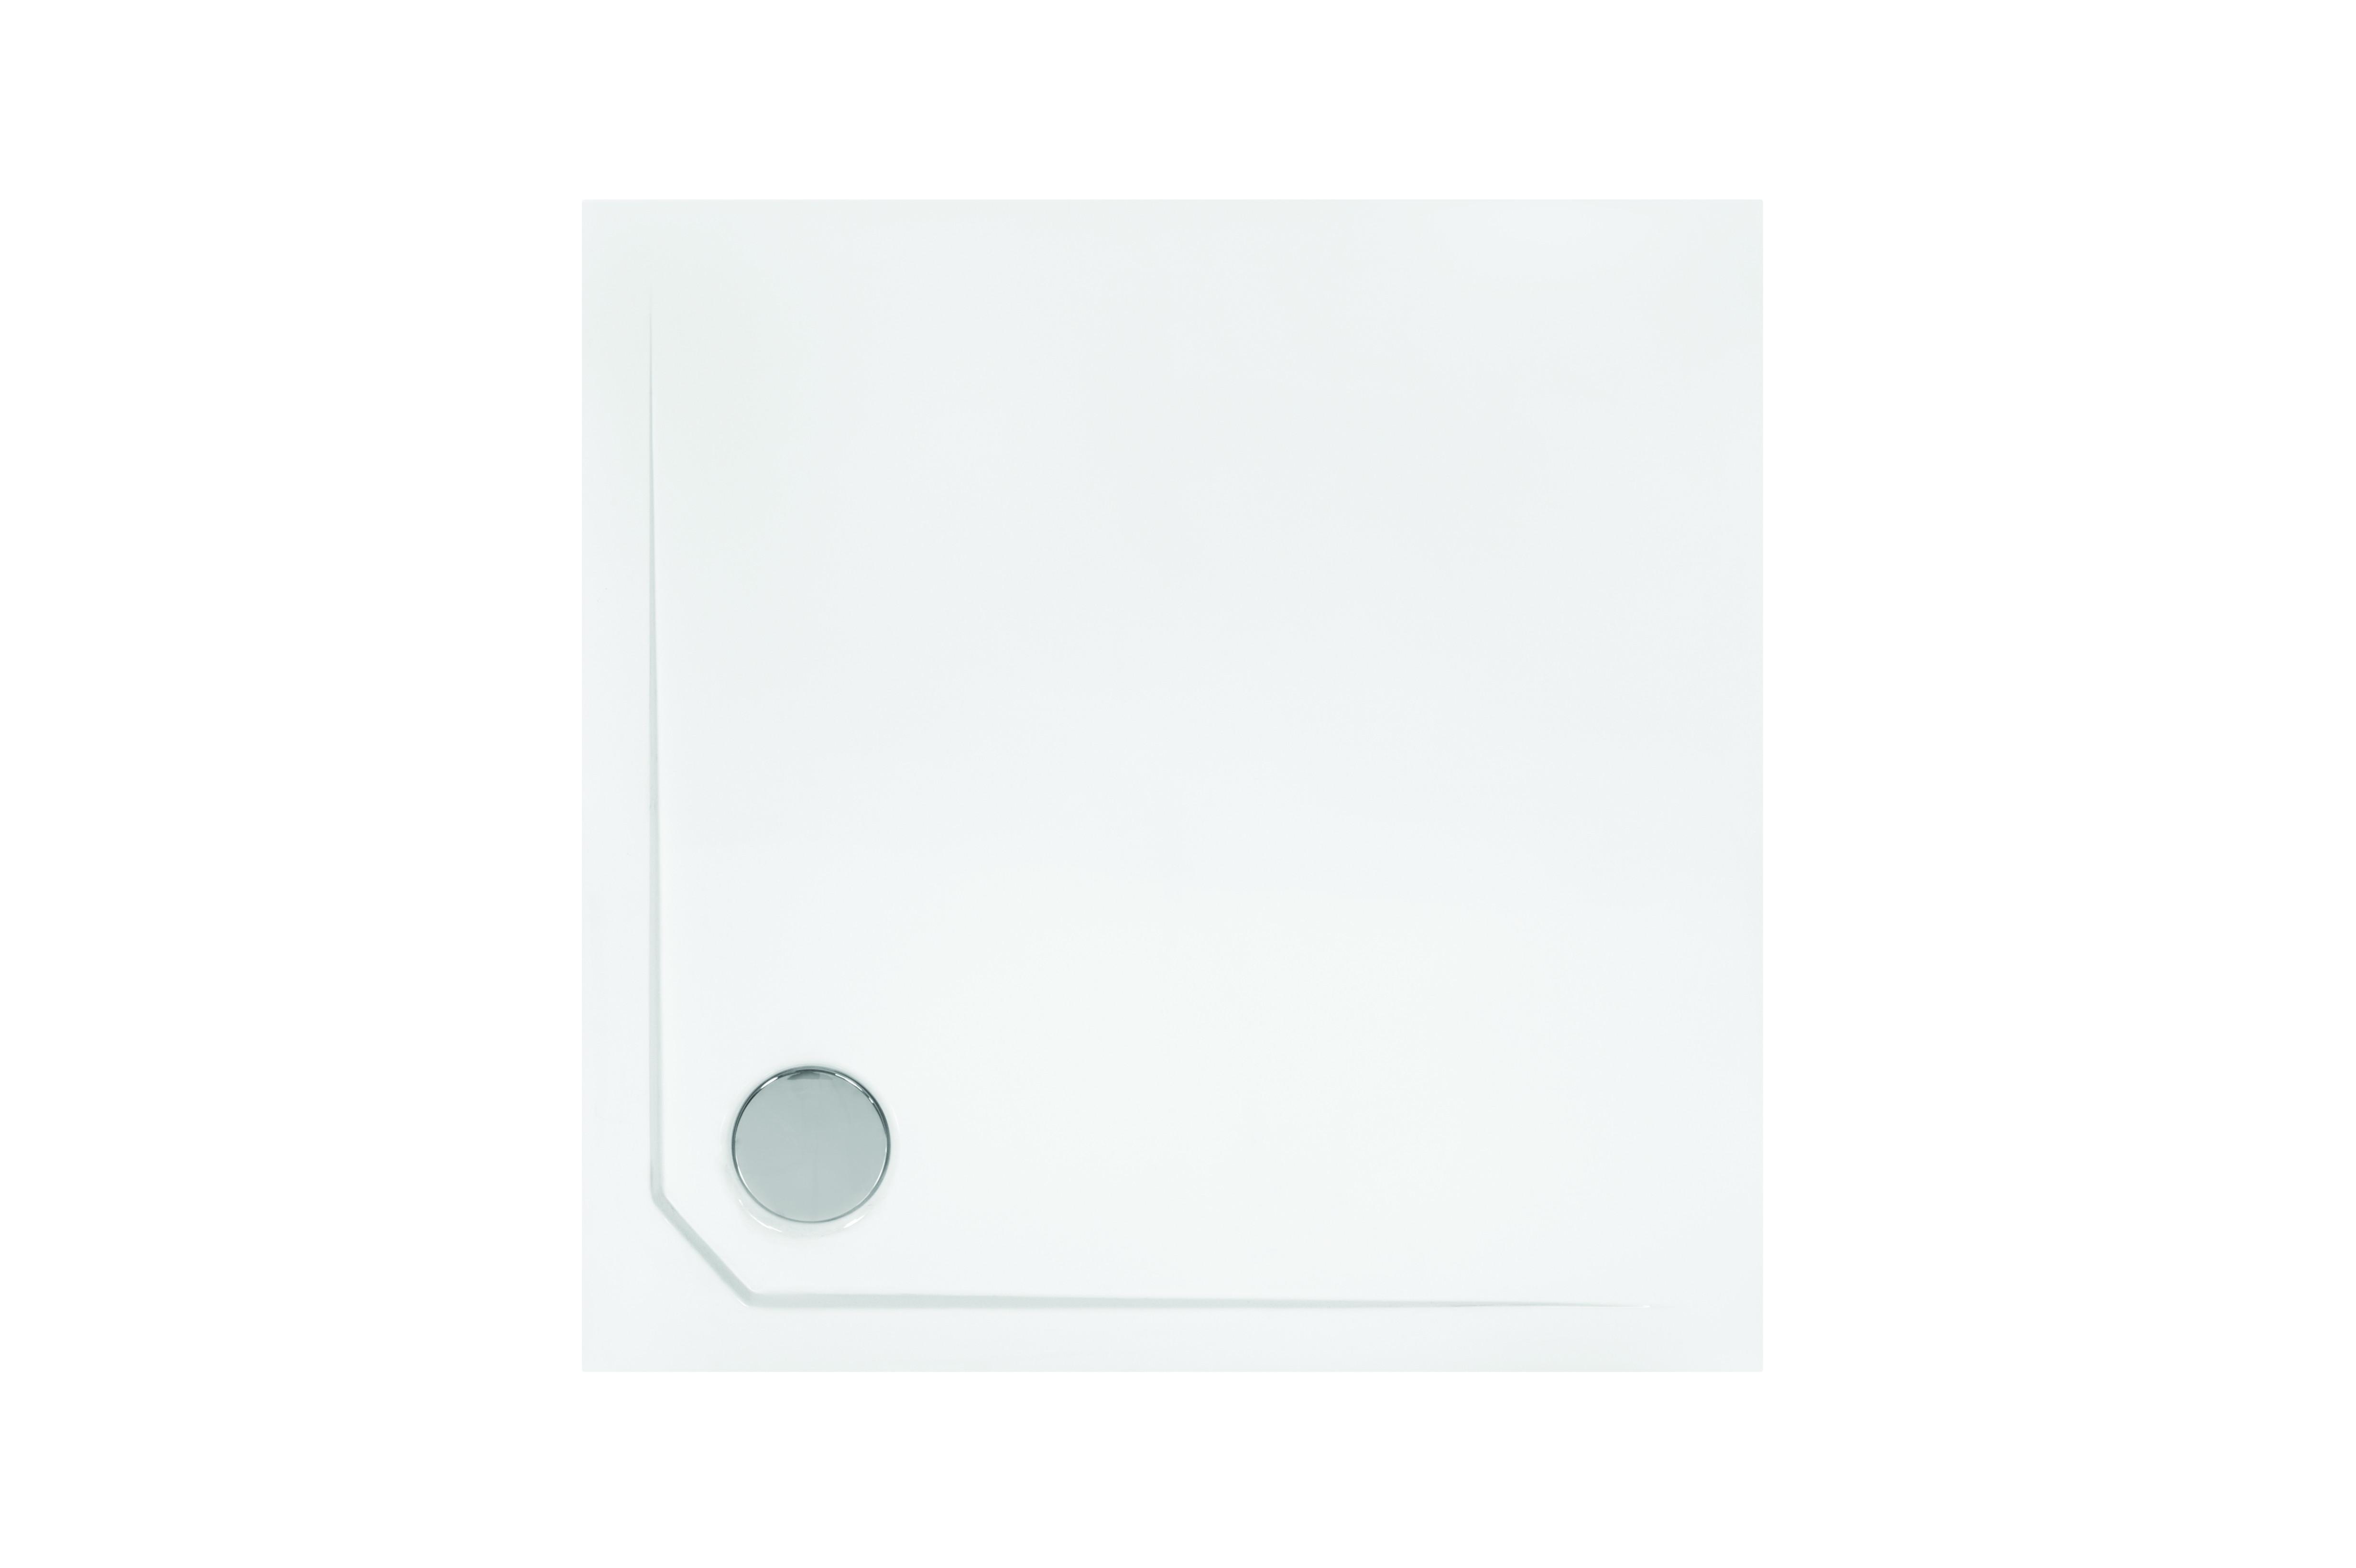 HOPA - Čtvercová sprchová vanička ACRO - Provedení - Univerzální, Šíře - 80 cm, Hloubka - 80 cm, Výška - 3,5 cm (VANKACRO80)